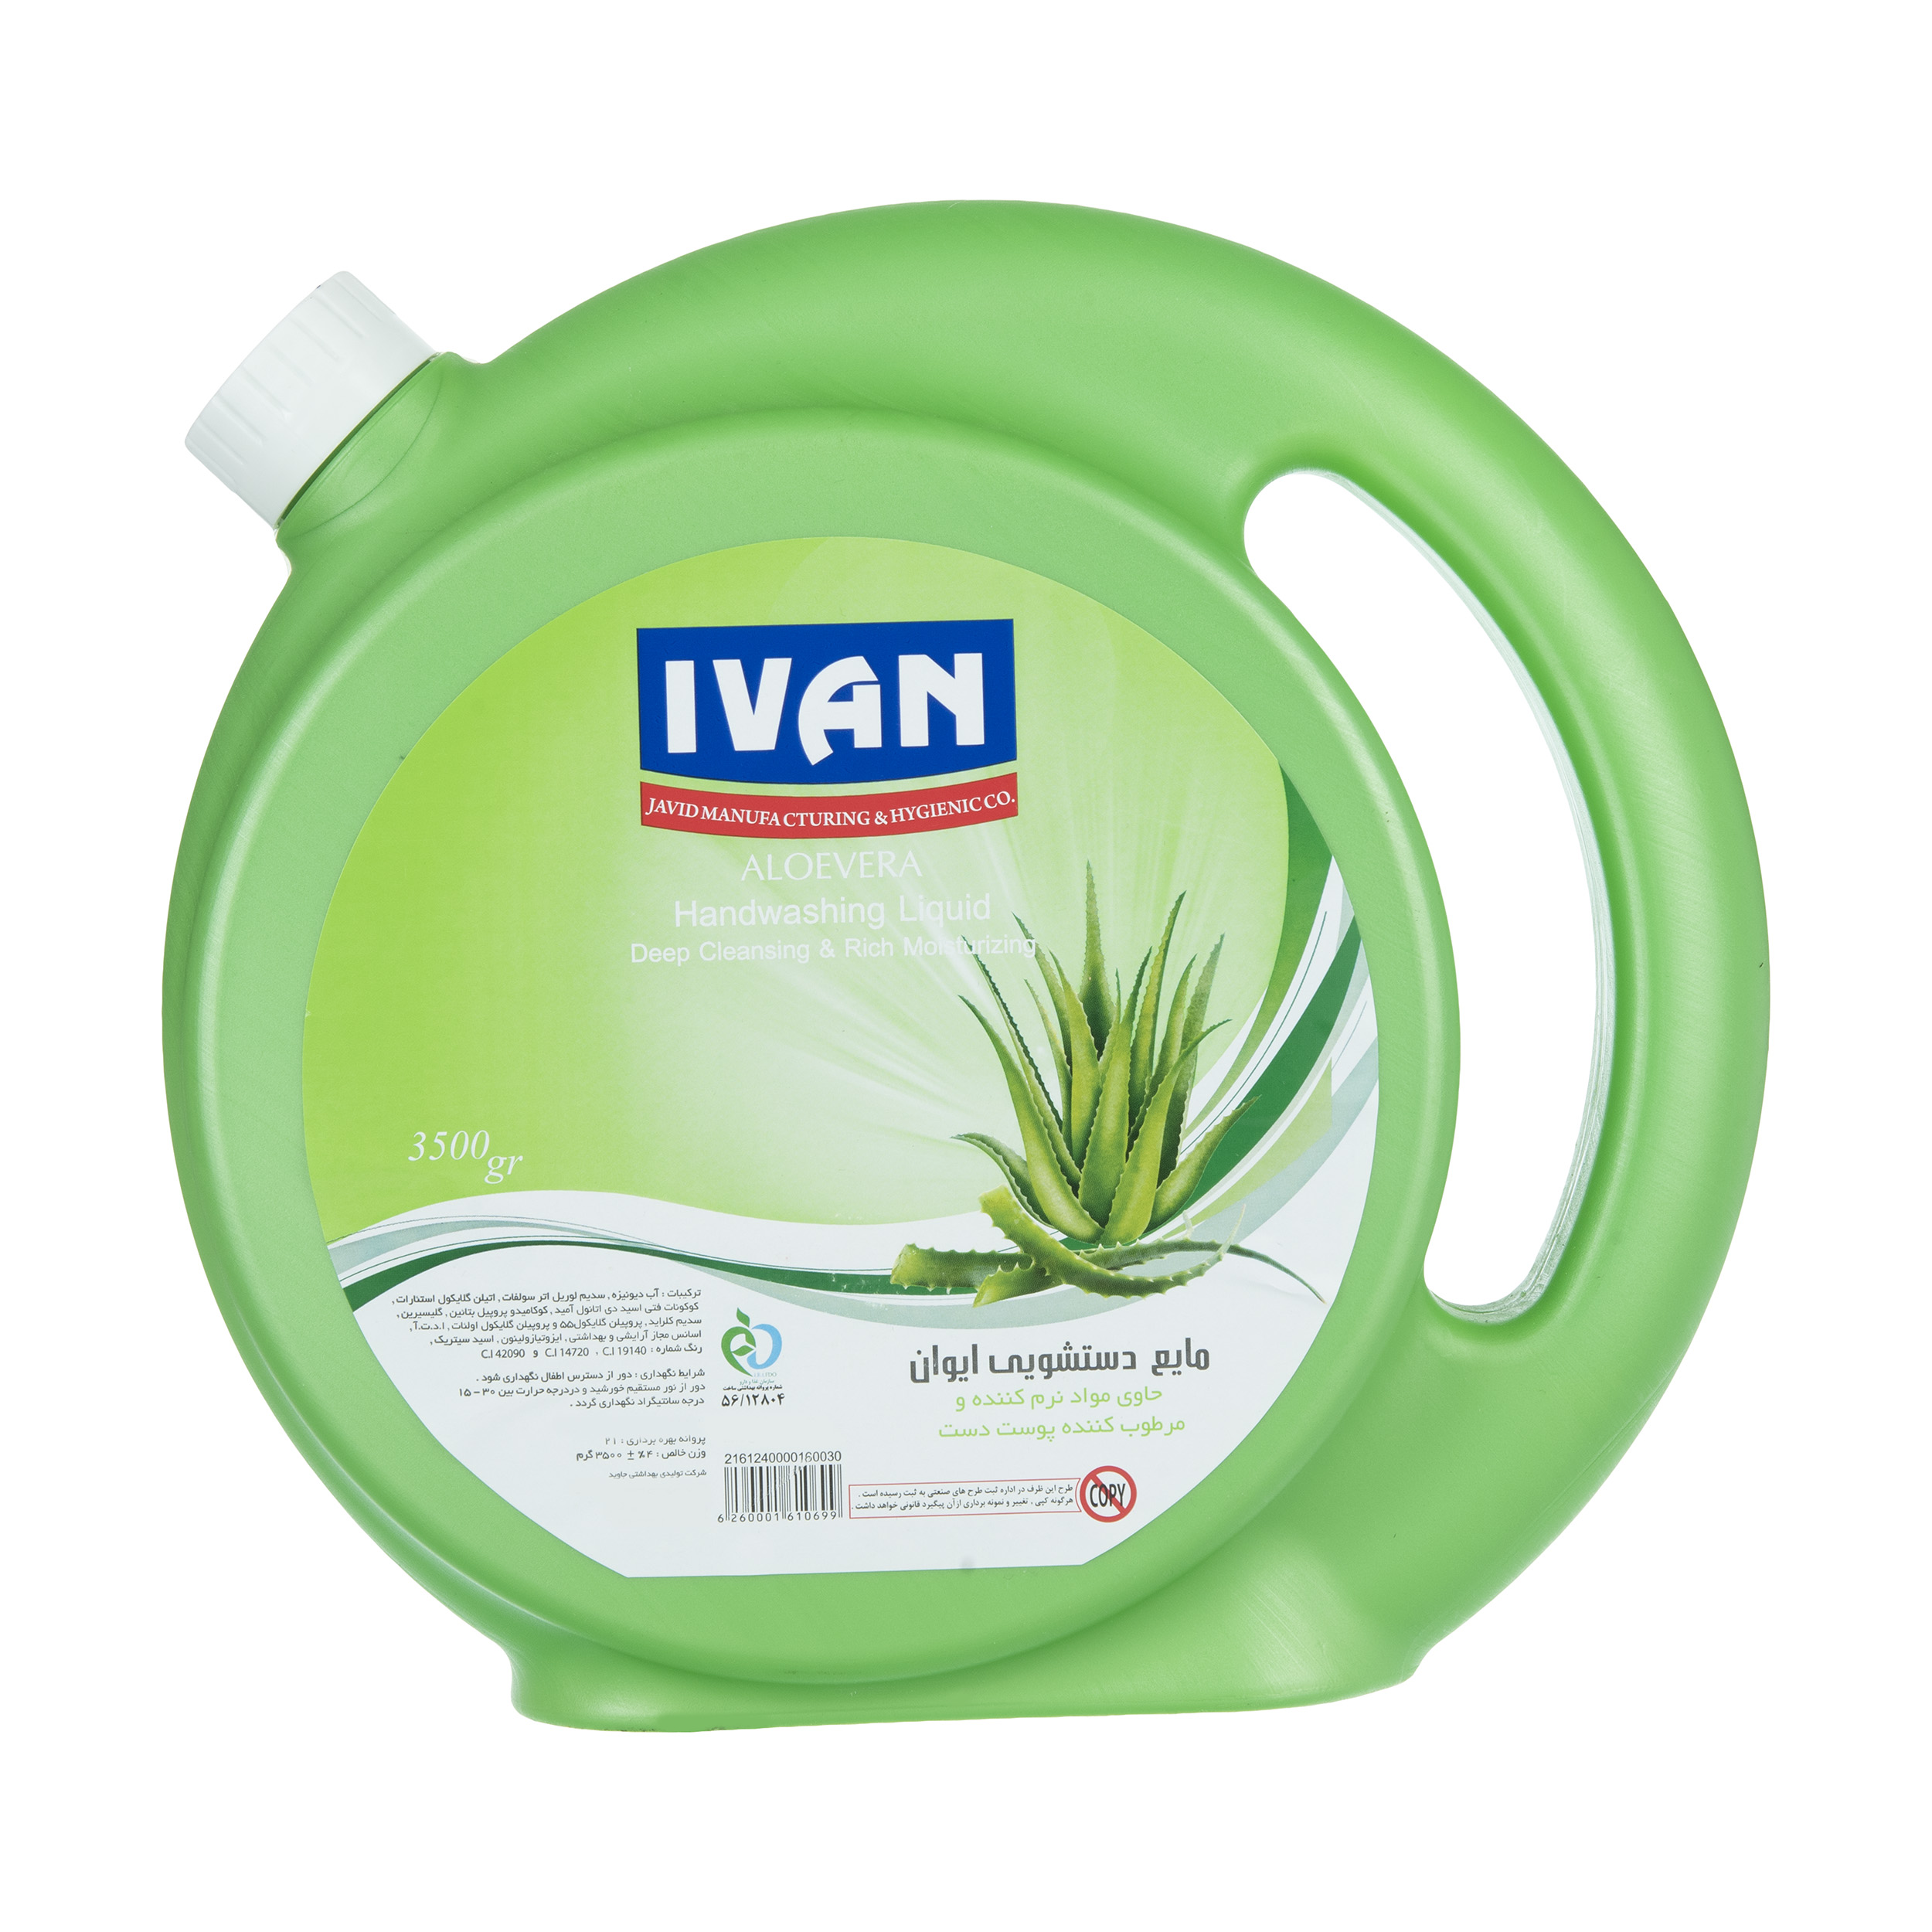 مایع دستشویی ایوان مدل Aloevera مقدار 3500 گرم